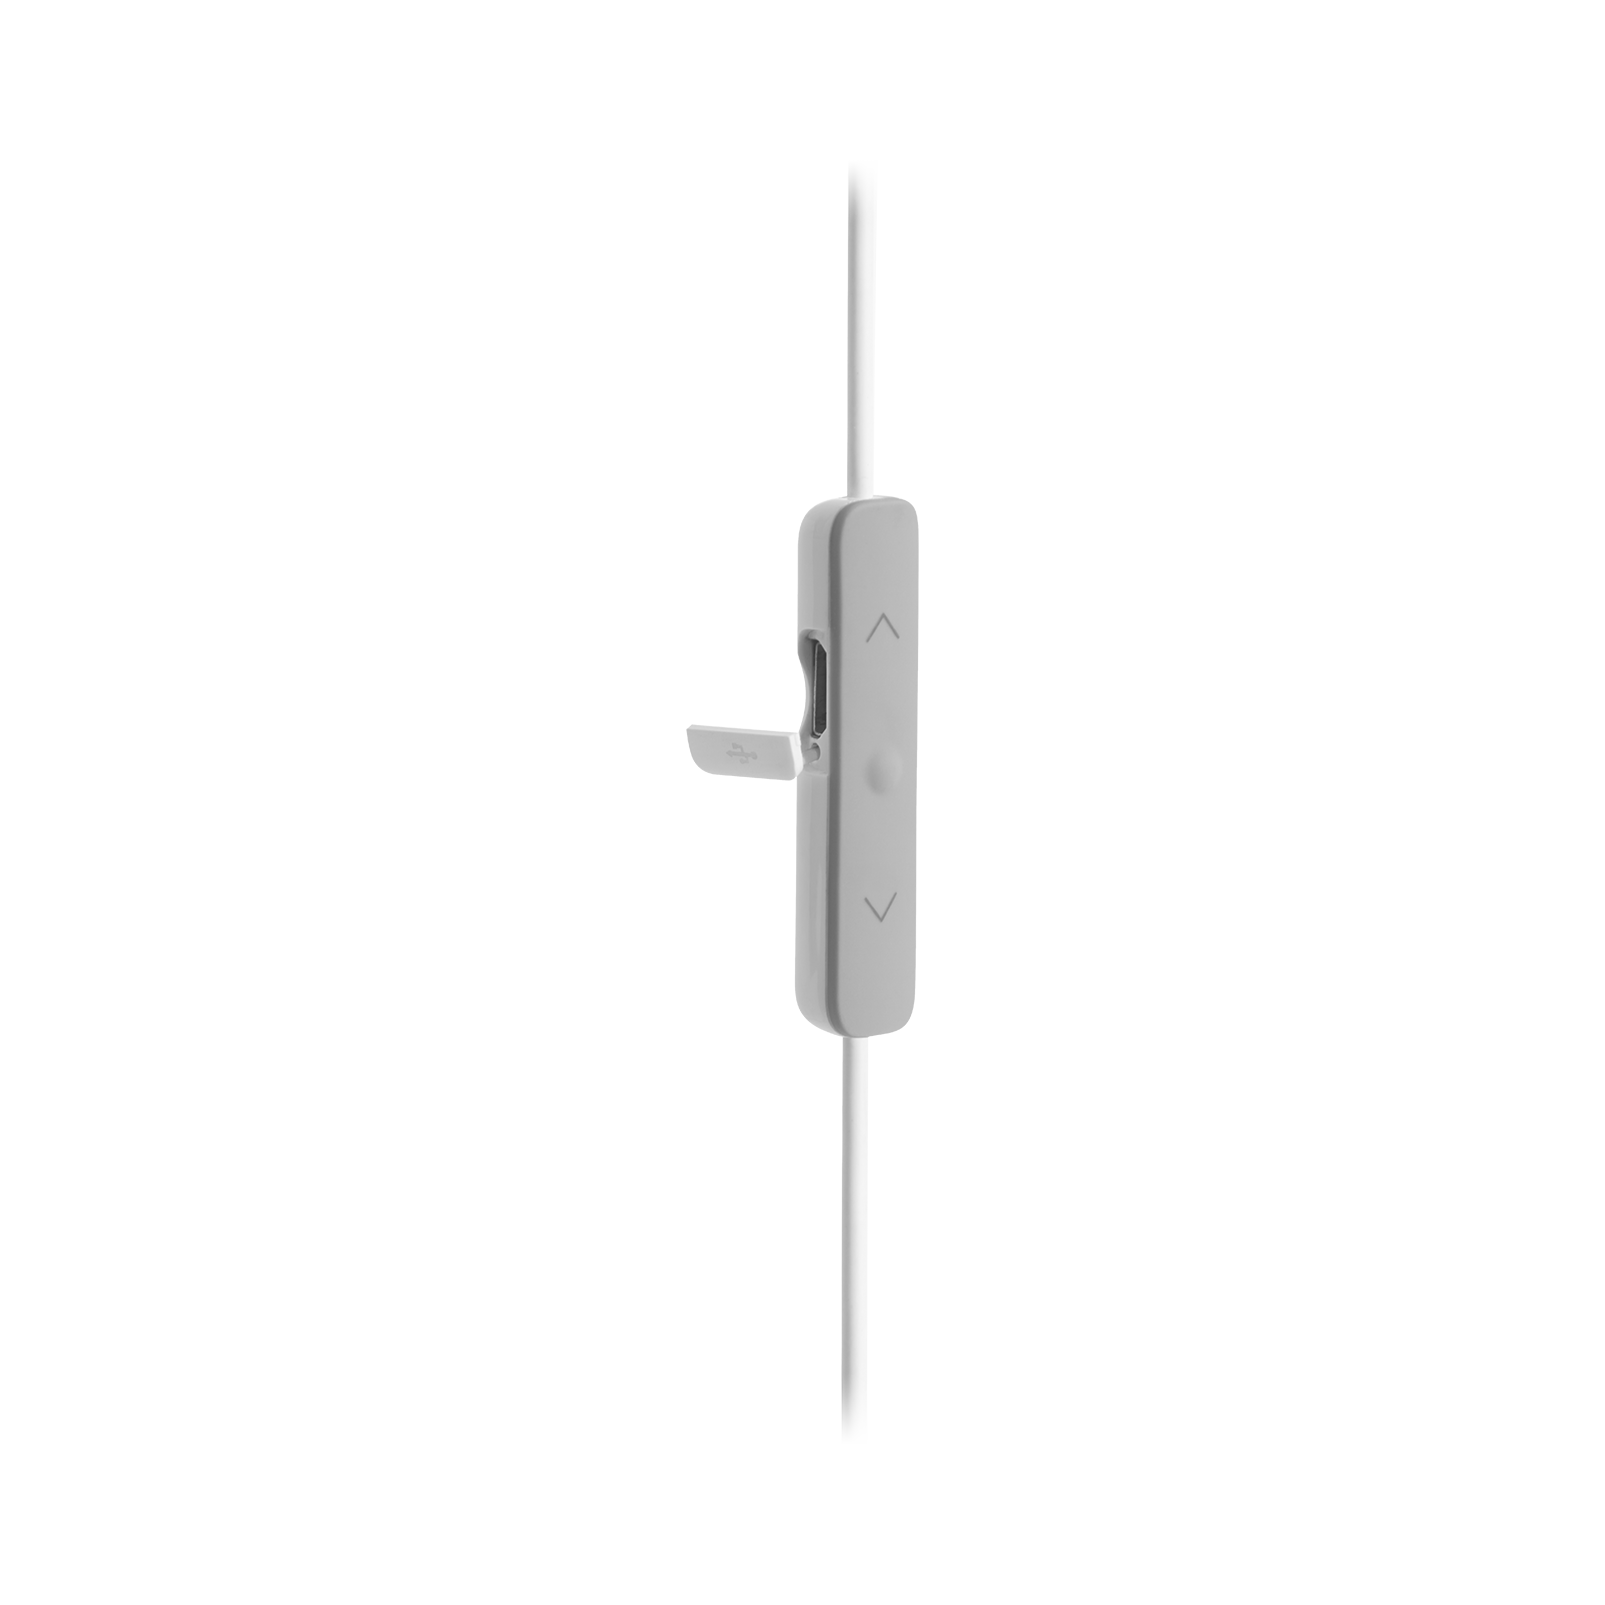 EVEREST 110GA - Silver - Wireless in-ear headphones - Detailshot 2